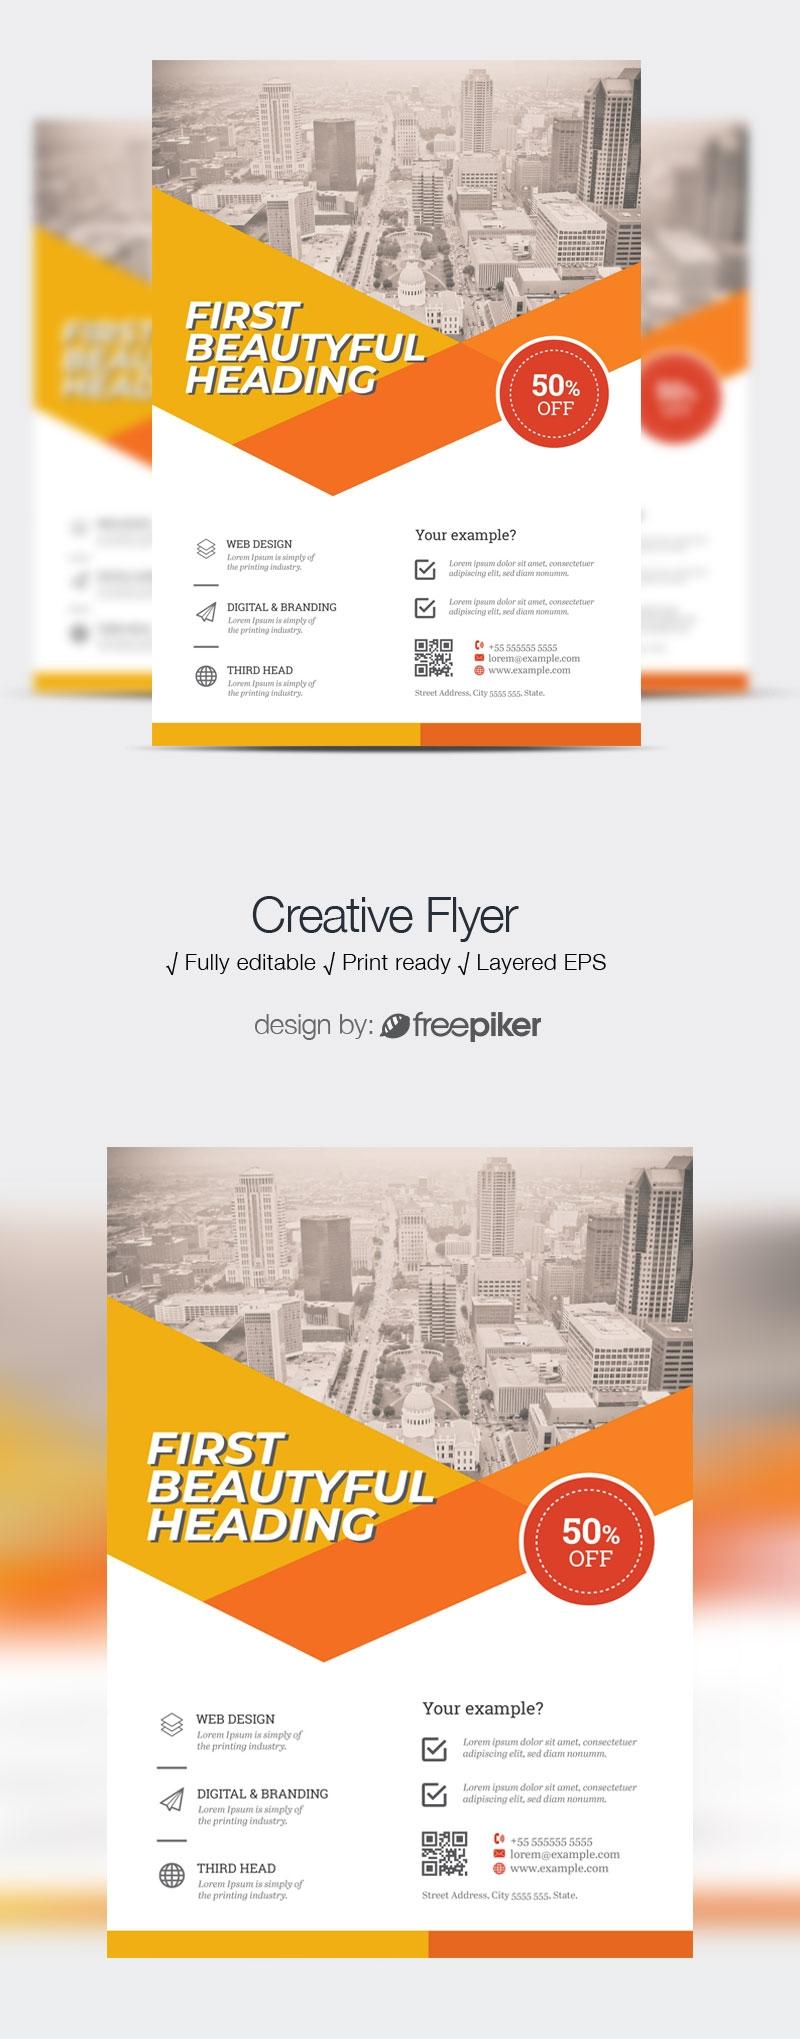 Corpotate Business Flyer